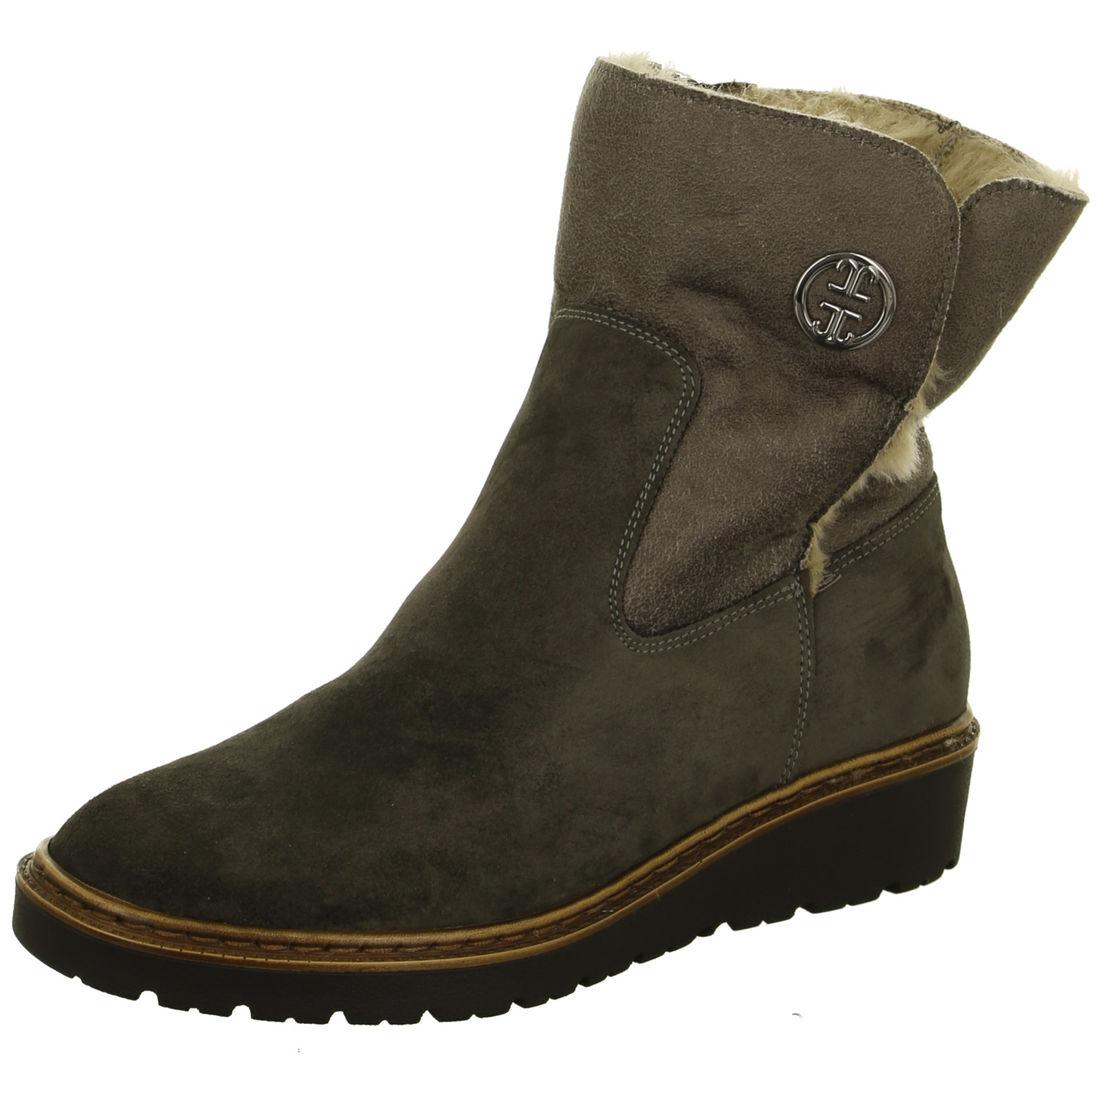 d6cfbd8cddca ARA - Čižmy - Hnedá dámska kožená obuv členková značky Jenny